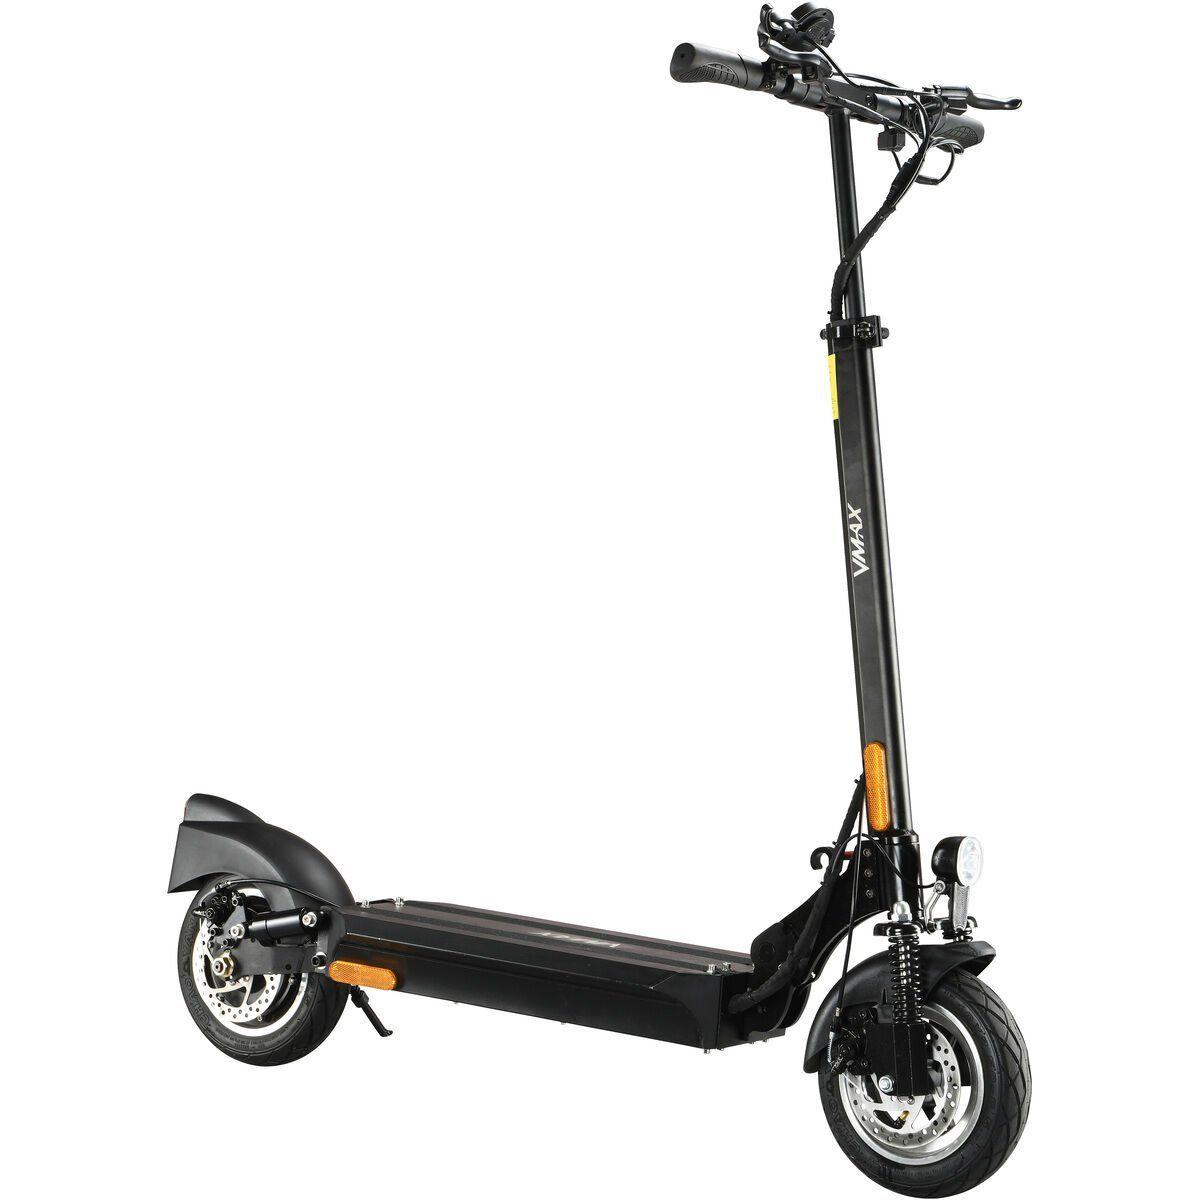 Vmax R25 Pro S E Scooter mit Straßenzulassung bis 120kg für 549€(statt 724€)